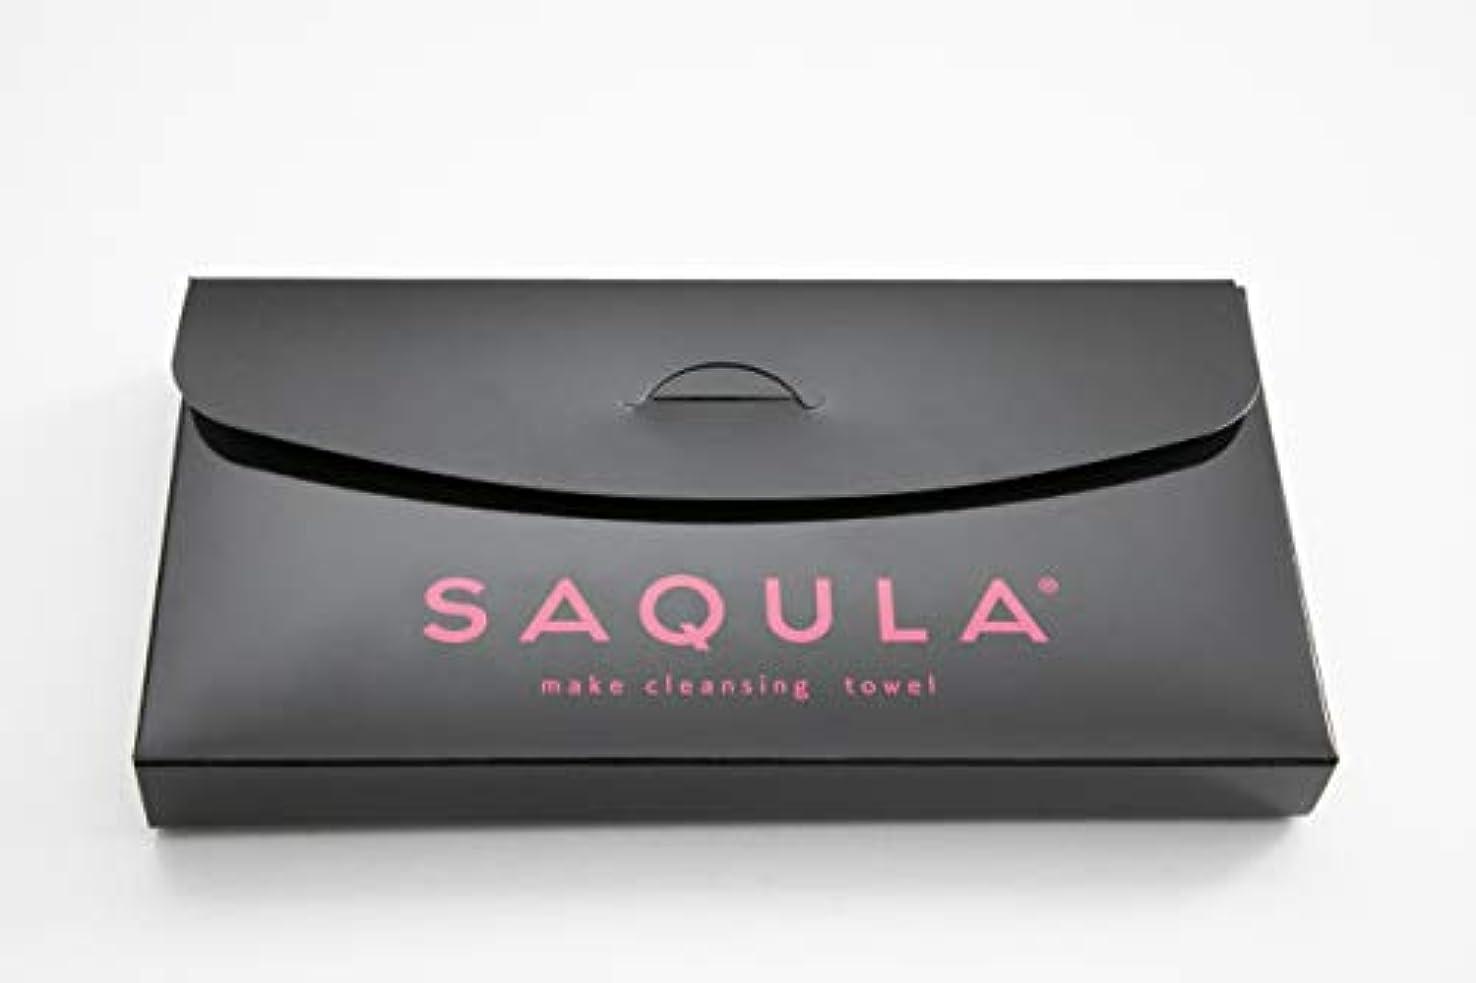 レンディション責めるキャプションSAQULA クレンジングタオル ピンク テレビで紹介された 水に濡らして拭くだけで簡単にメイクが落とせるクレンジングタオル